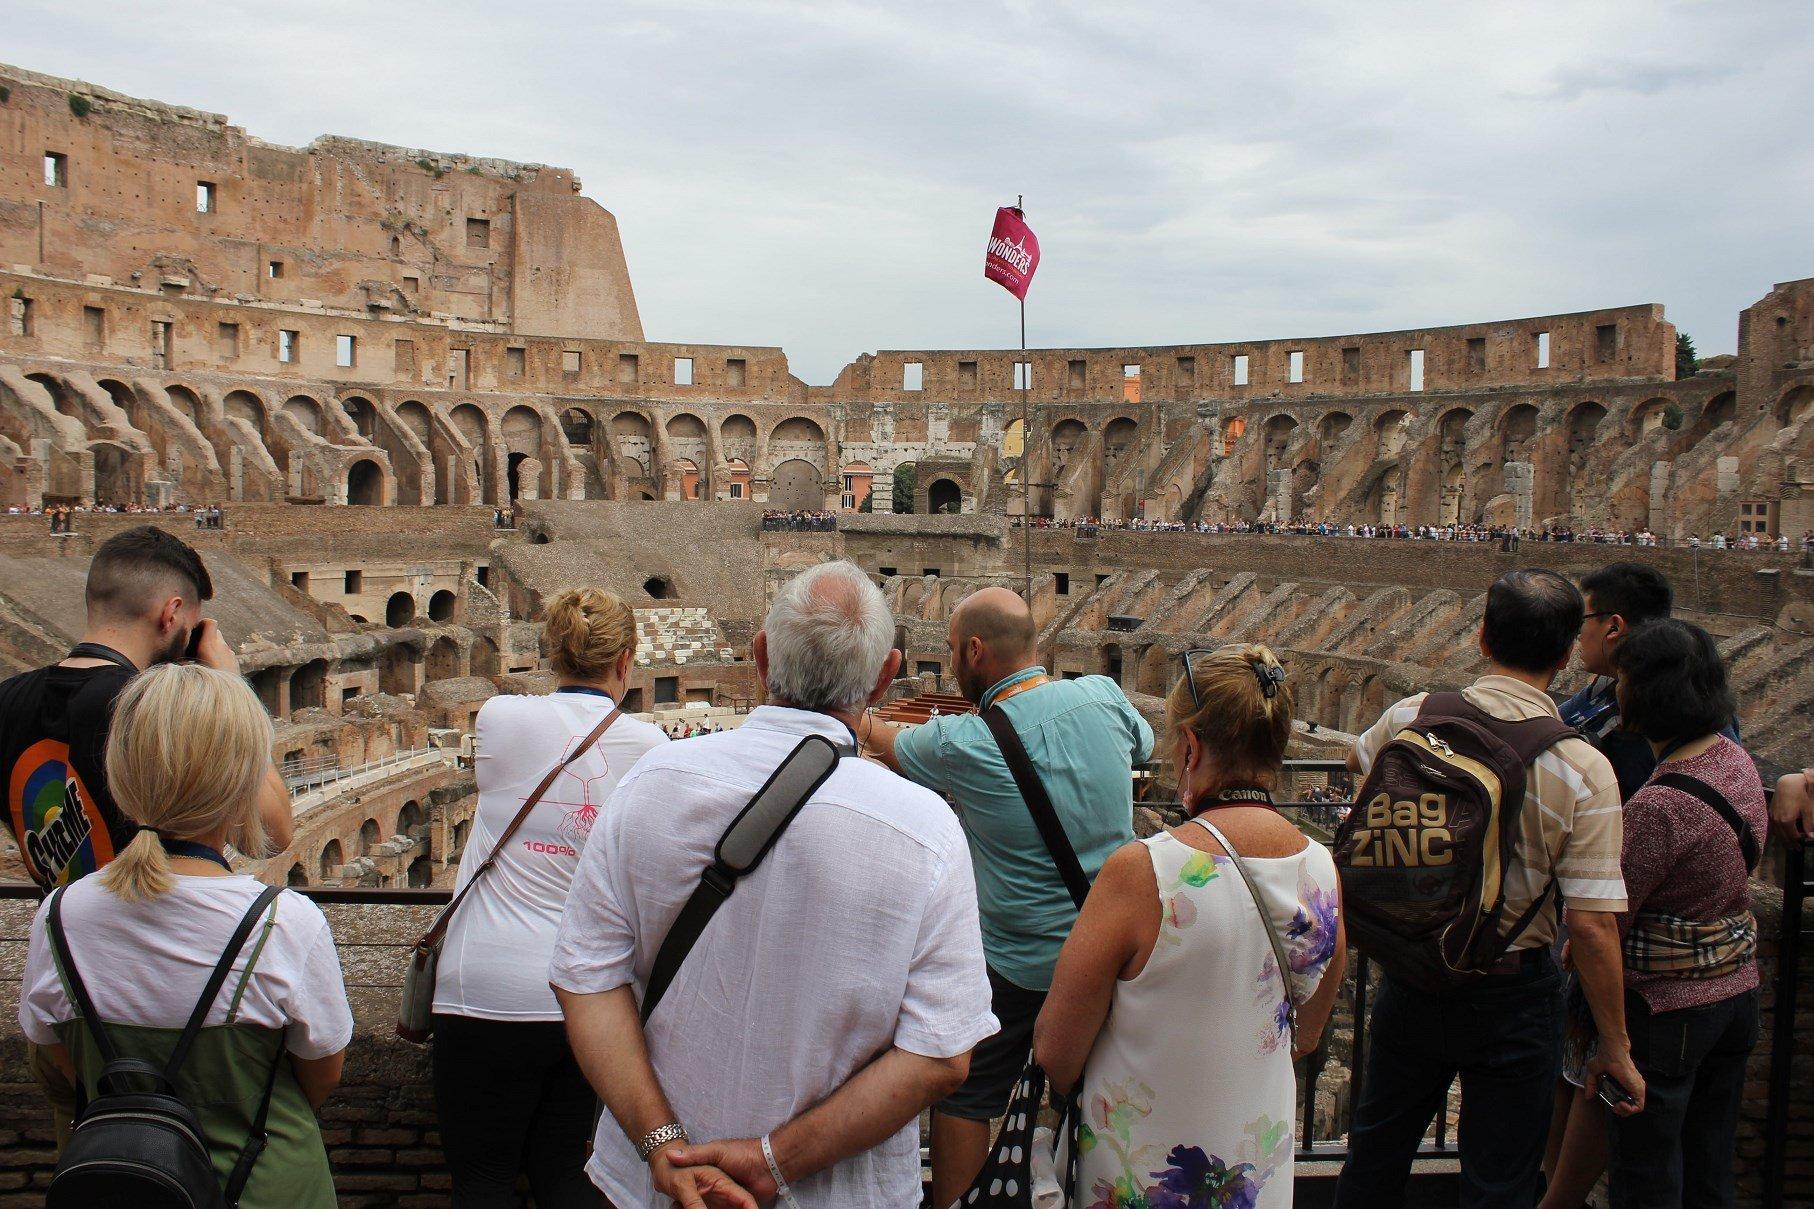 roman forum entrance Colosseum tour group